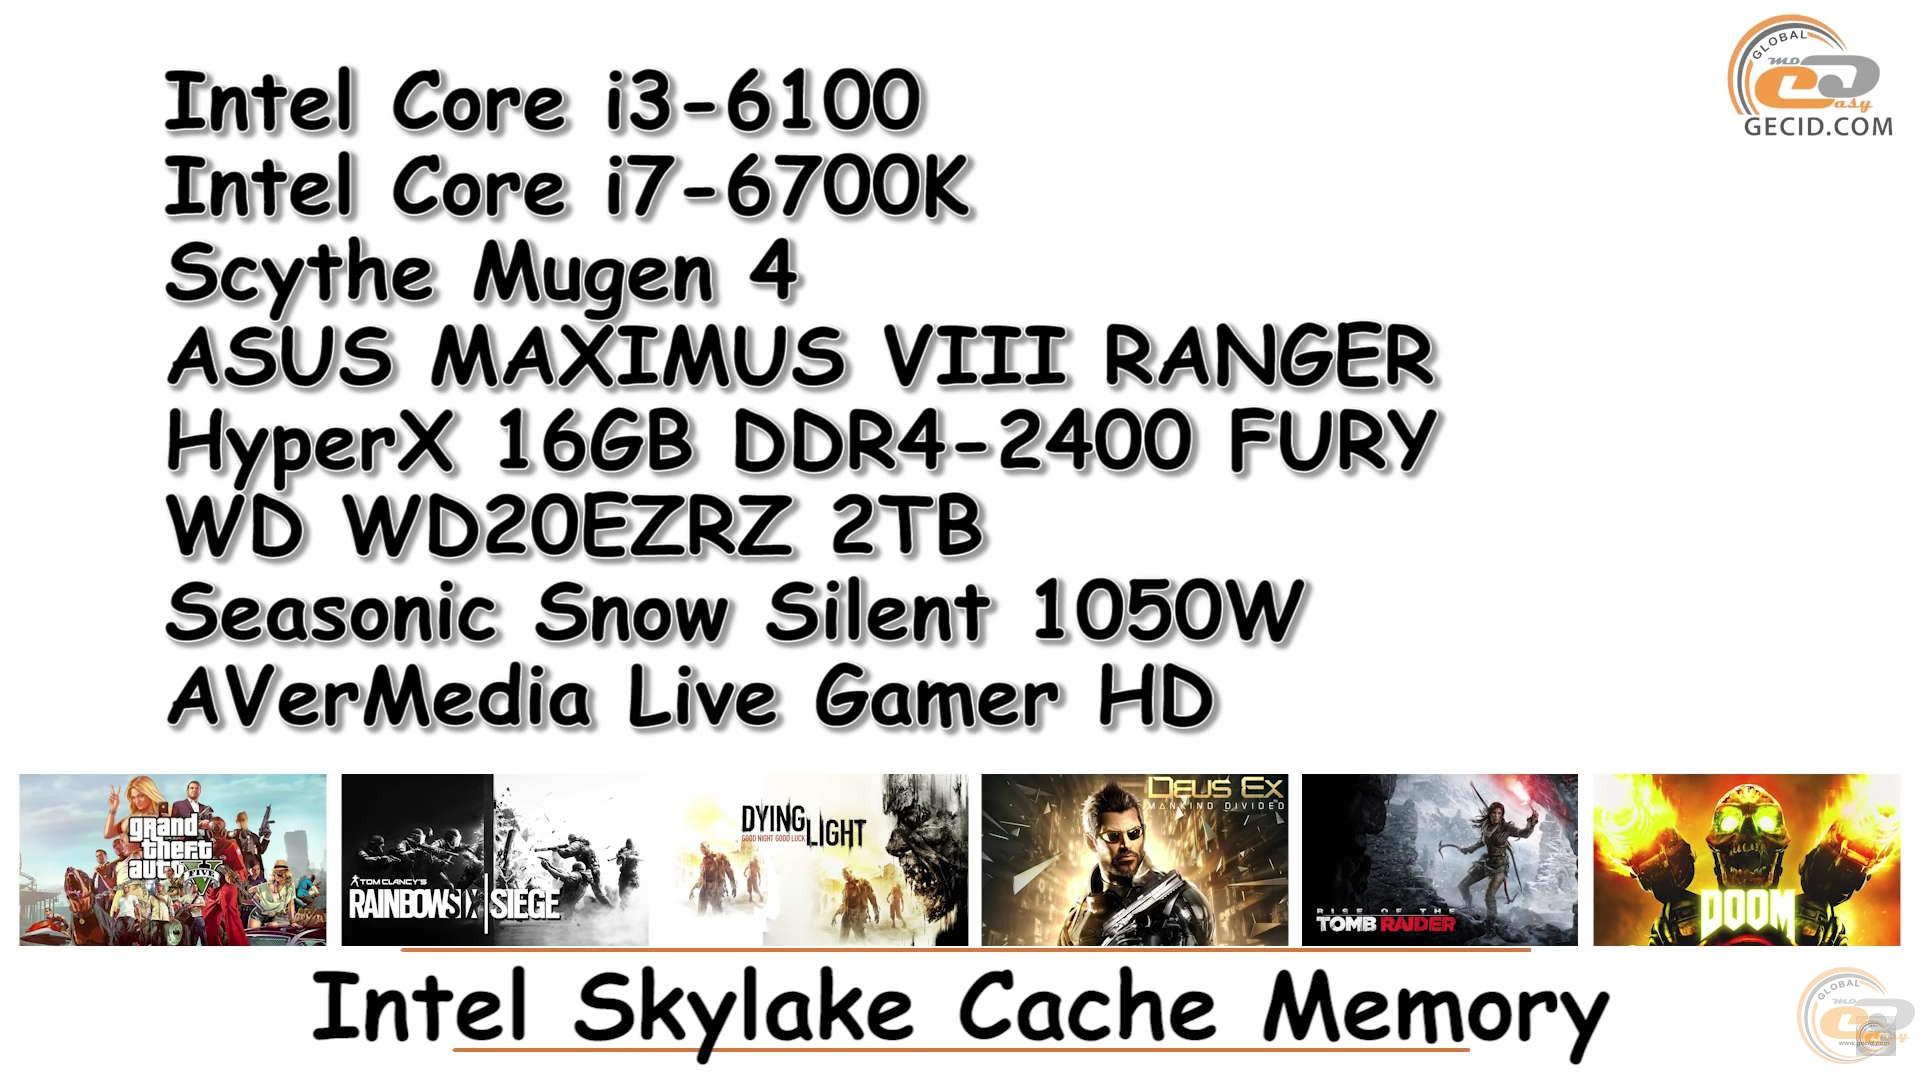 загрузка процессора и видеокарты в играх